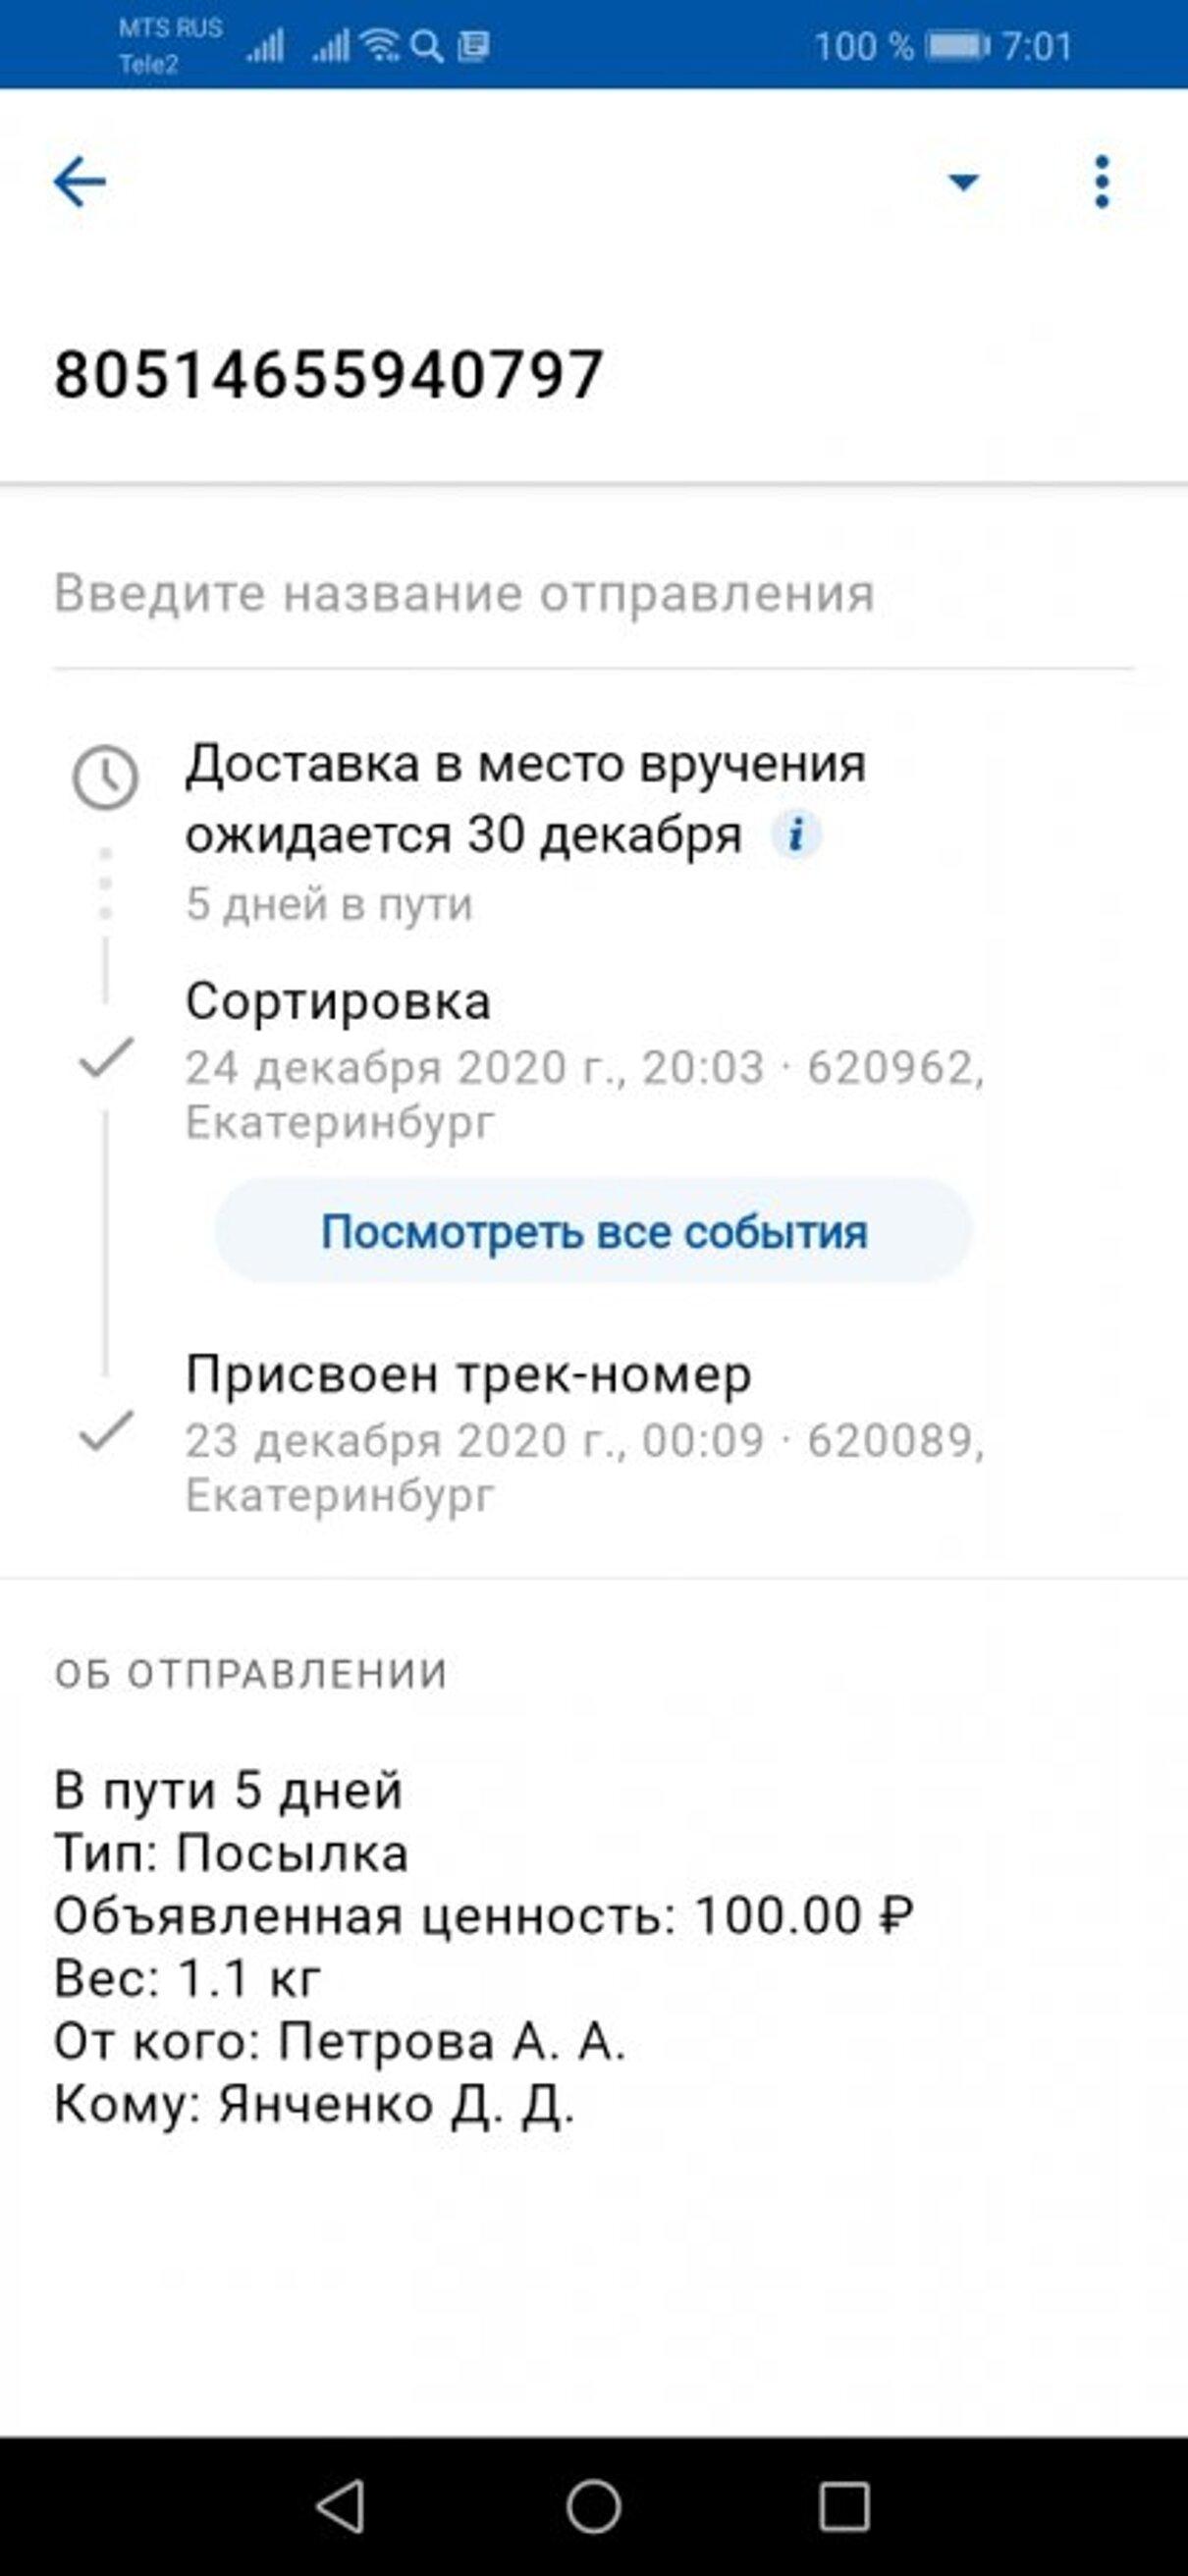 Жалоба-отзыв: Екатеринбург, сортировочный центр 620962 - Задержка посылки с 24.12.2020.  Фото №1